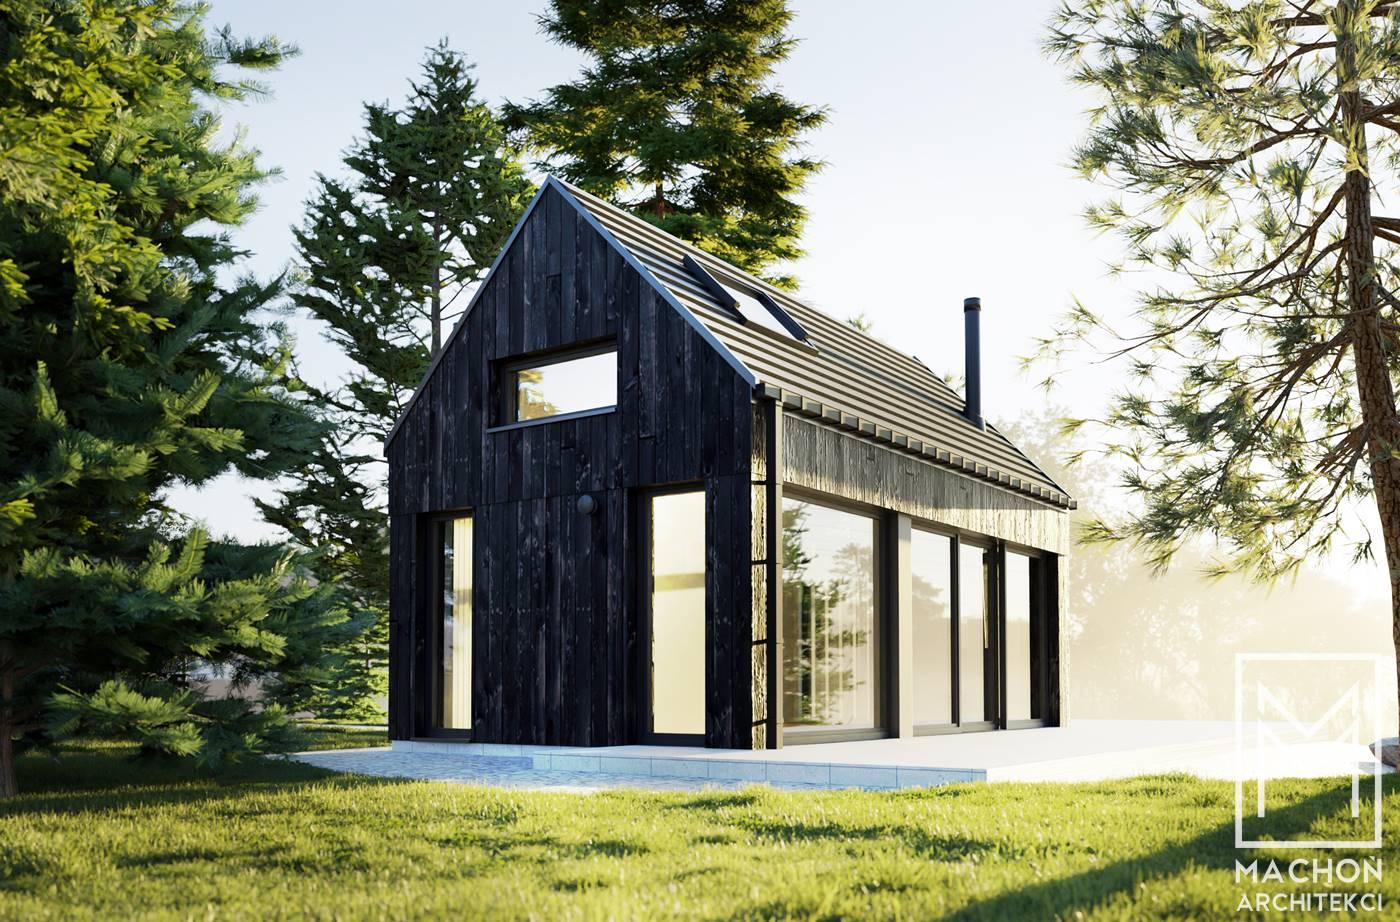 domek letniskowy nad morzem sasino na zgłoszenie nowoczesny stodoła wnętrze bez okapu dom na lato całoroczny